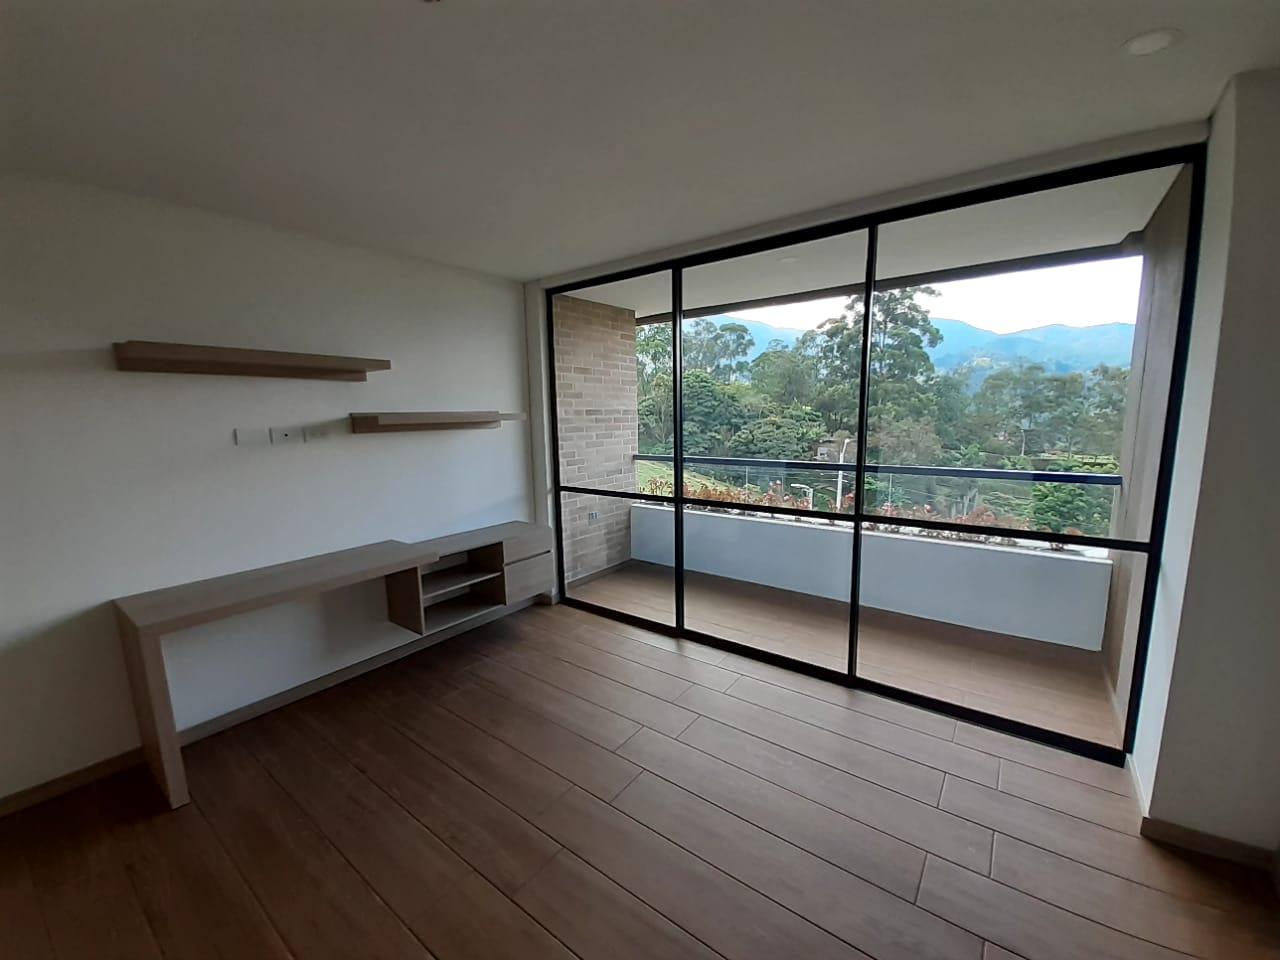 Propiedad Aparta suite I430 T2 Senior's Vergel